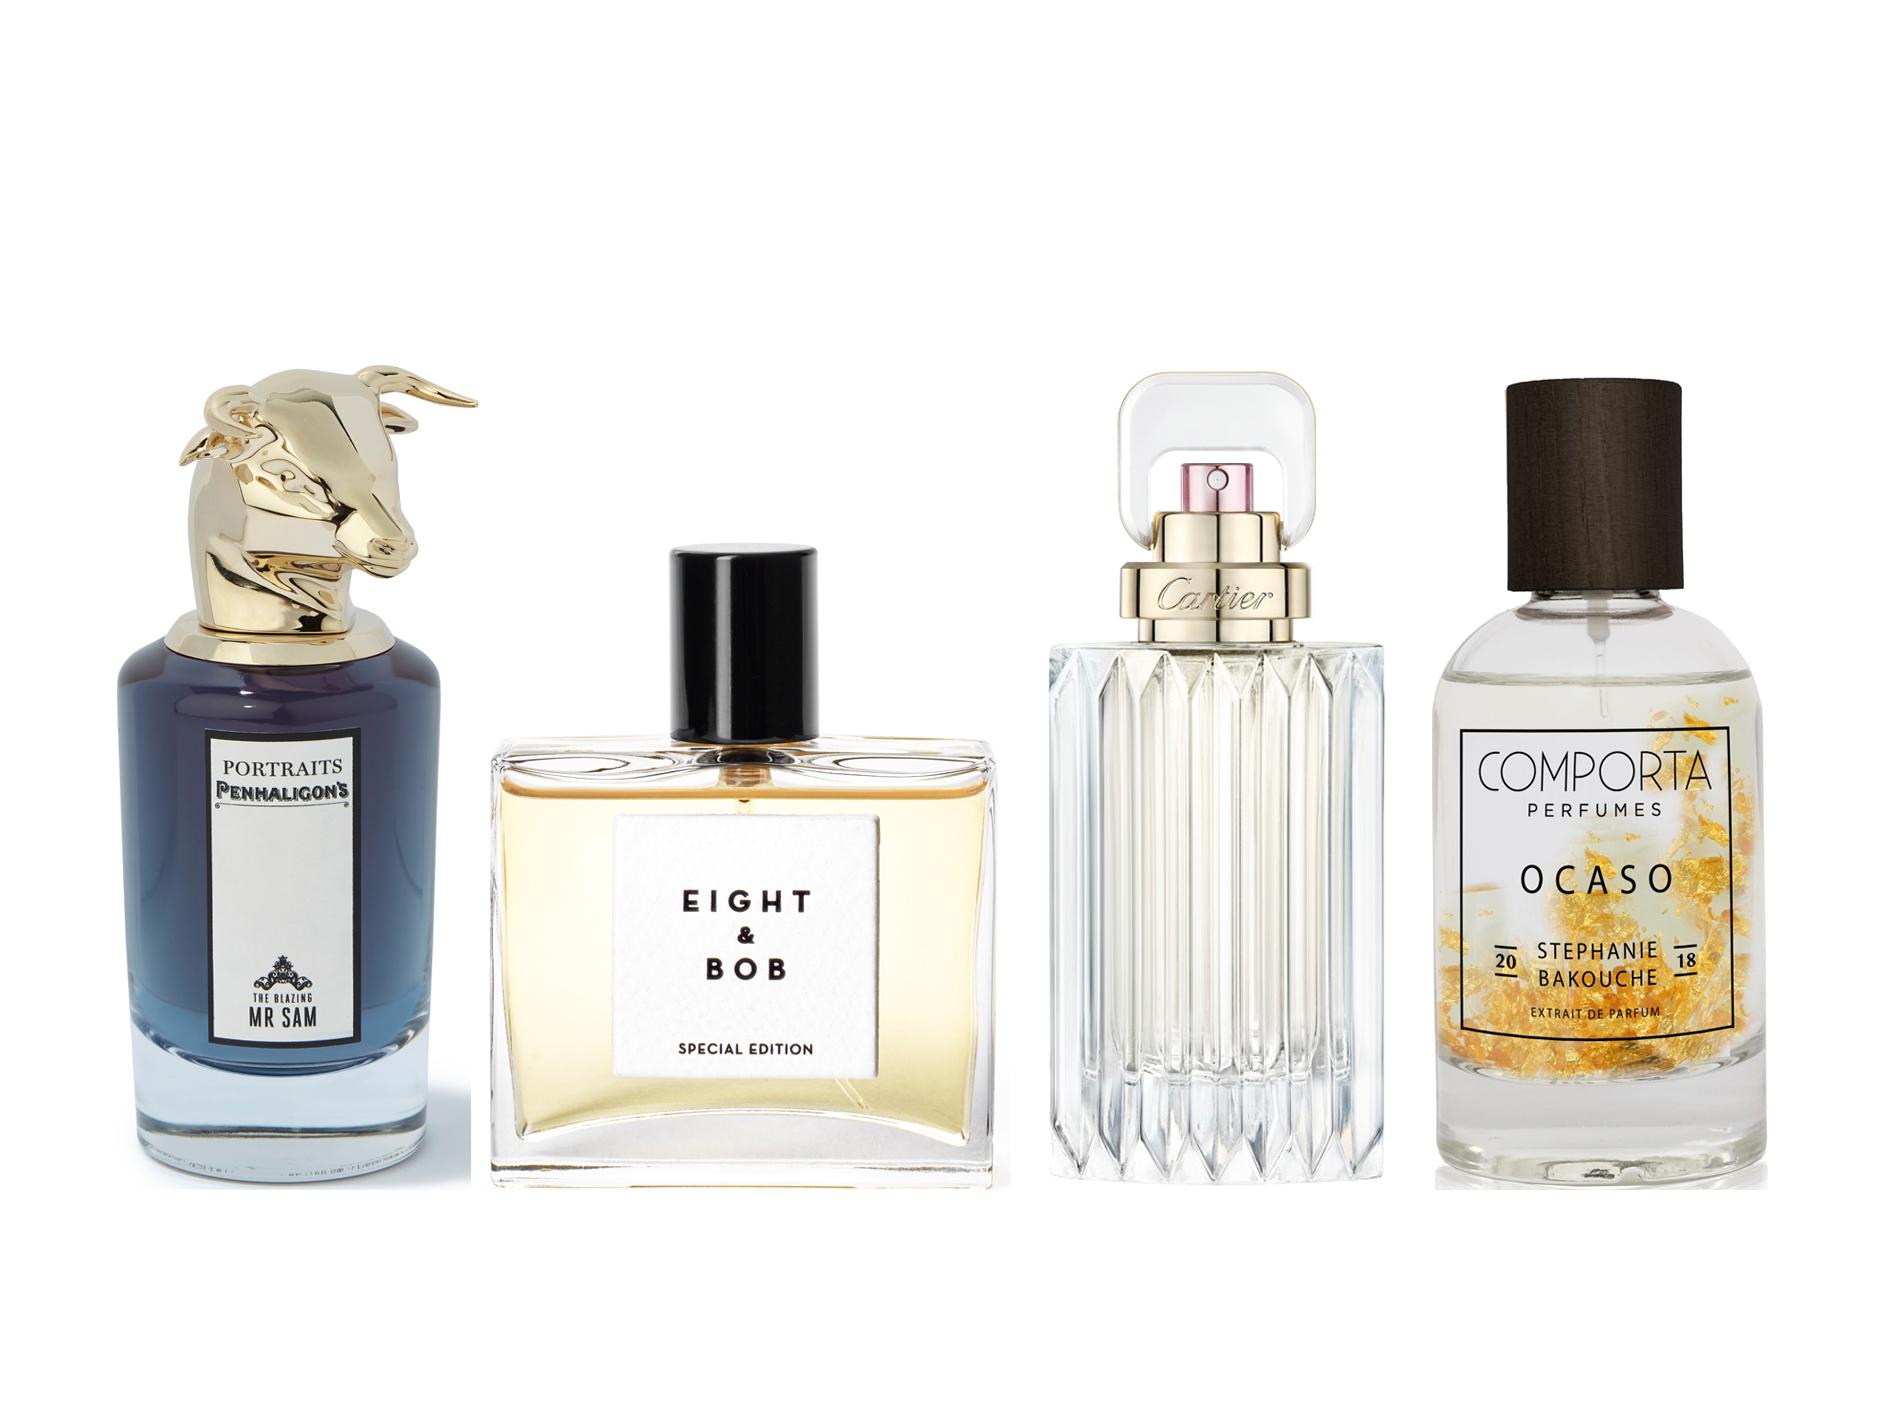 Muchos perfumes se inspiran en sitios, situaciones e incluso personas